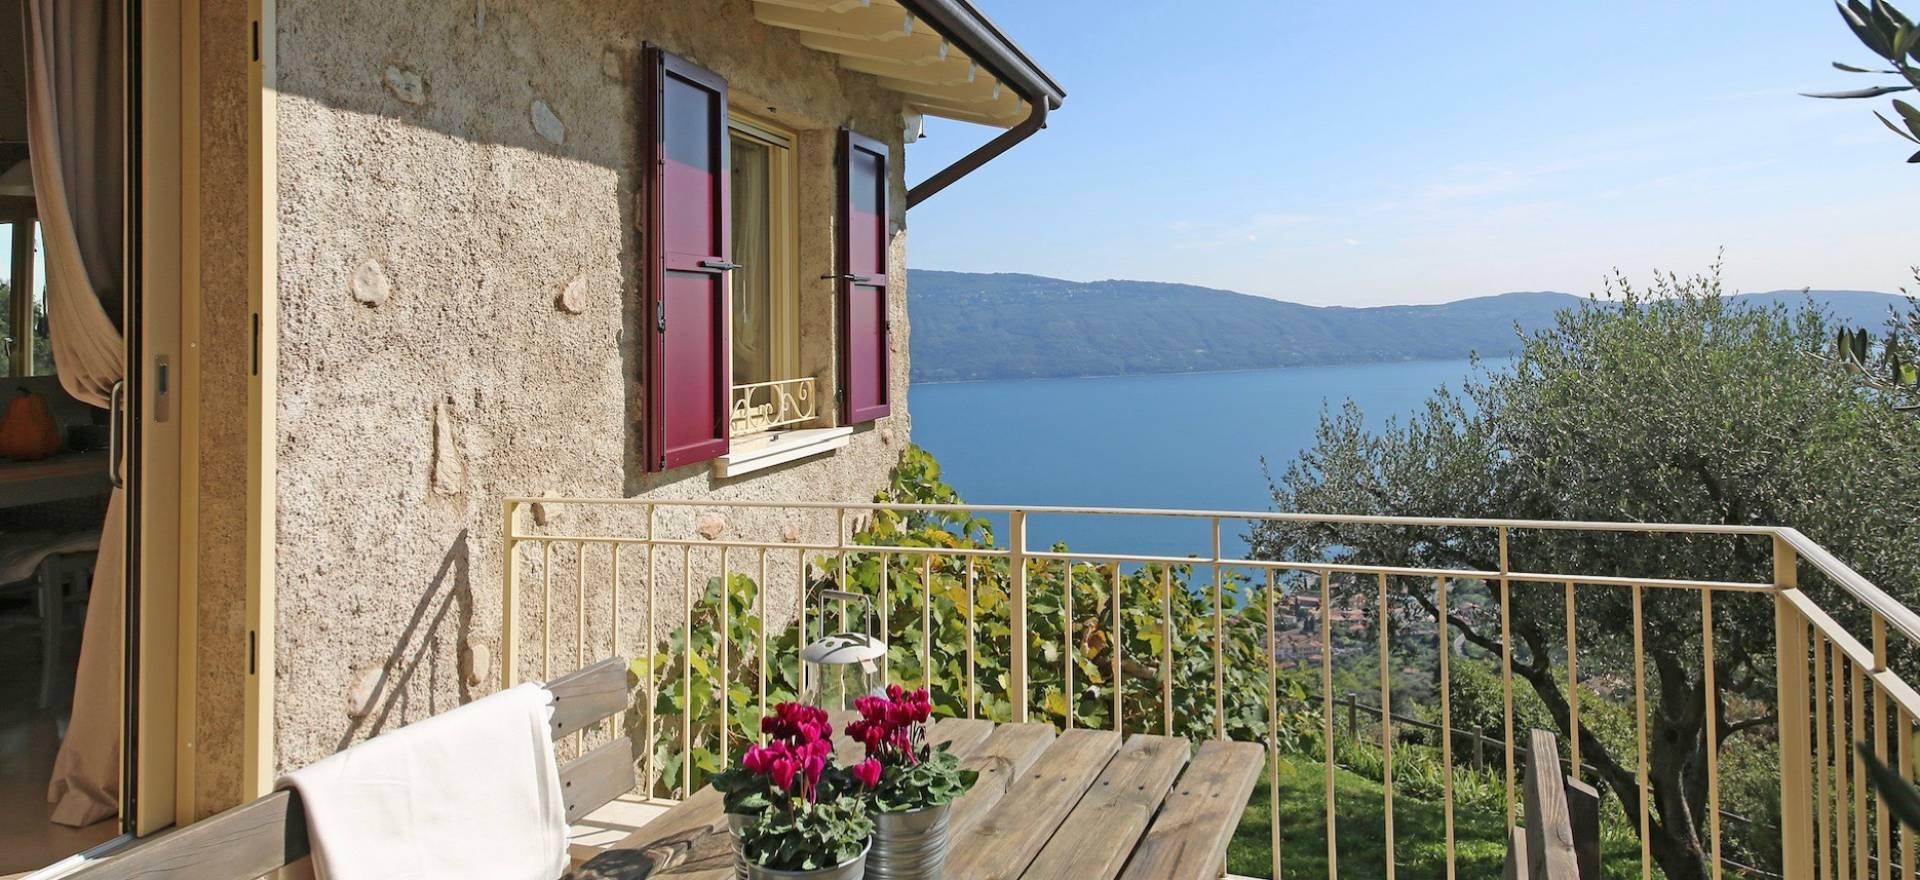 Landhaus gardasee mit pool und blick auf den see - Casa vista lago garda ...